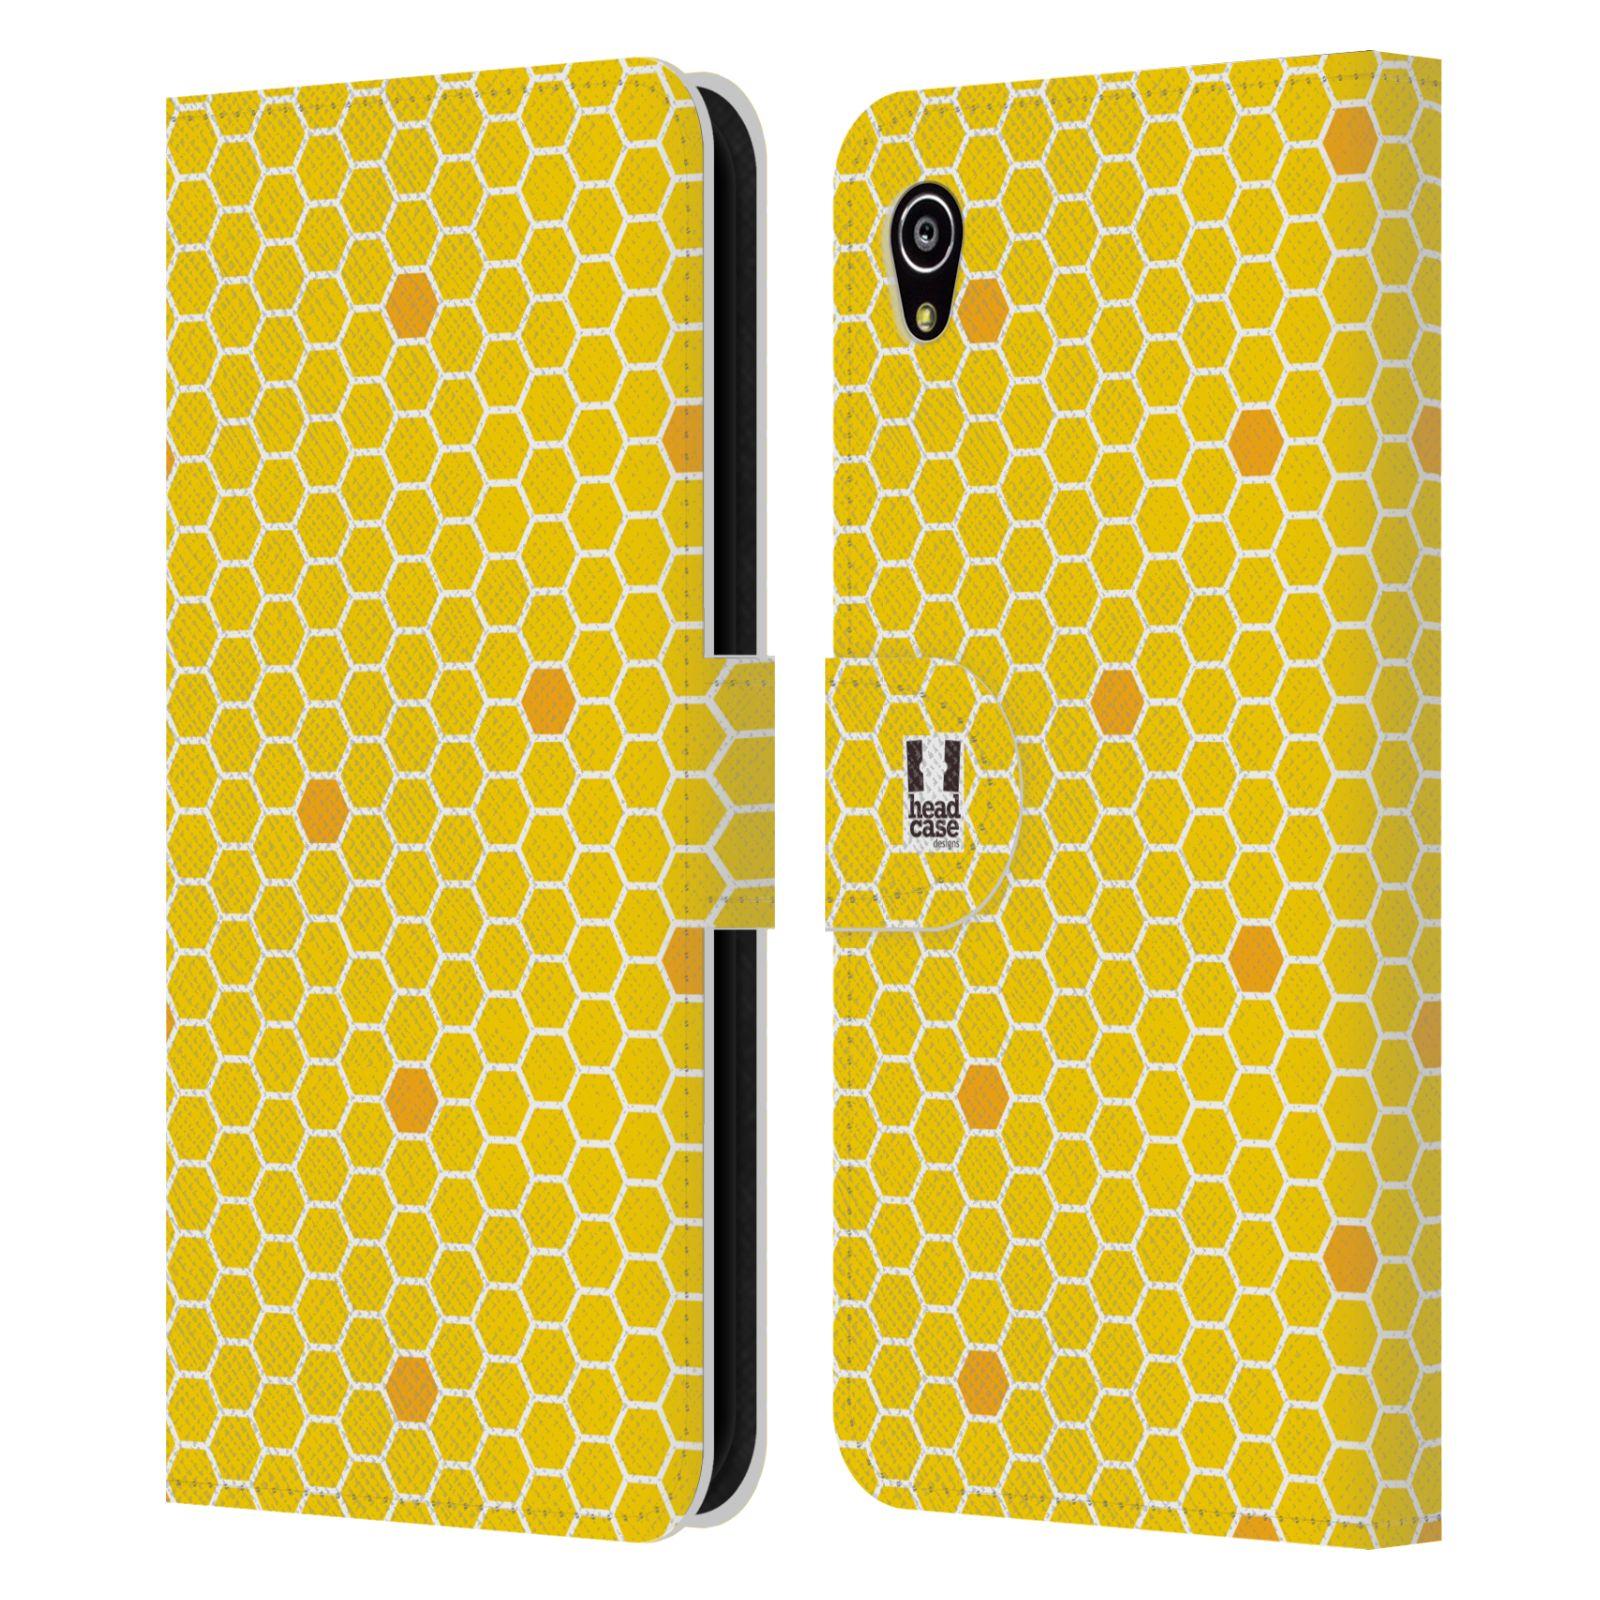 HEAD CASE Flipové pouzdro pro mobil SONY XPERIA M4 AQUA VČELÍ VZOR plástev žlutá